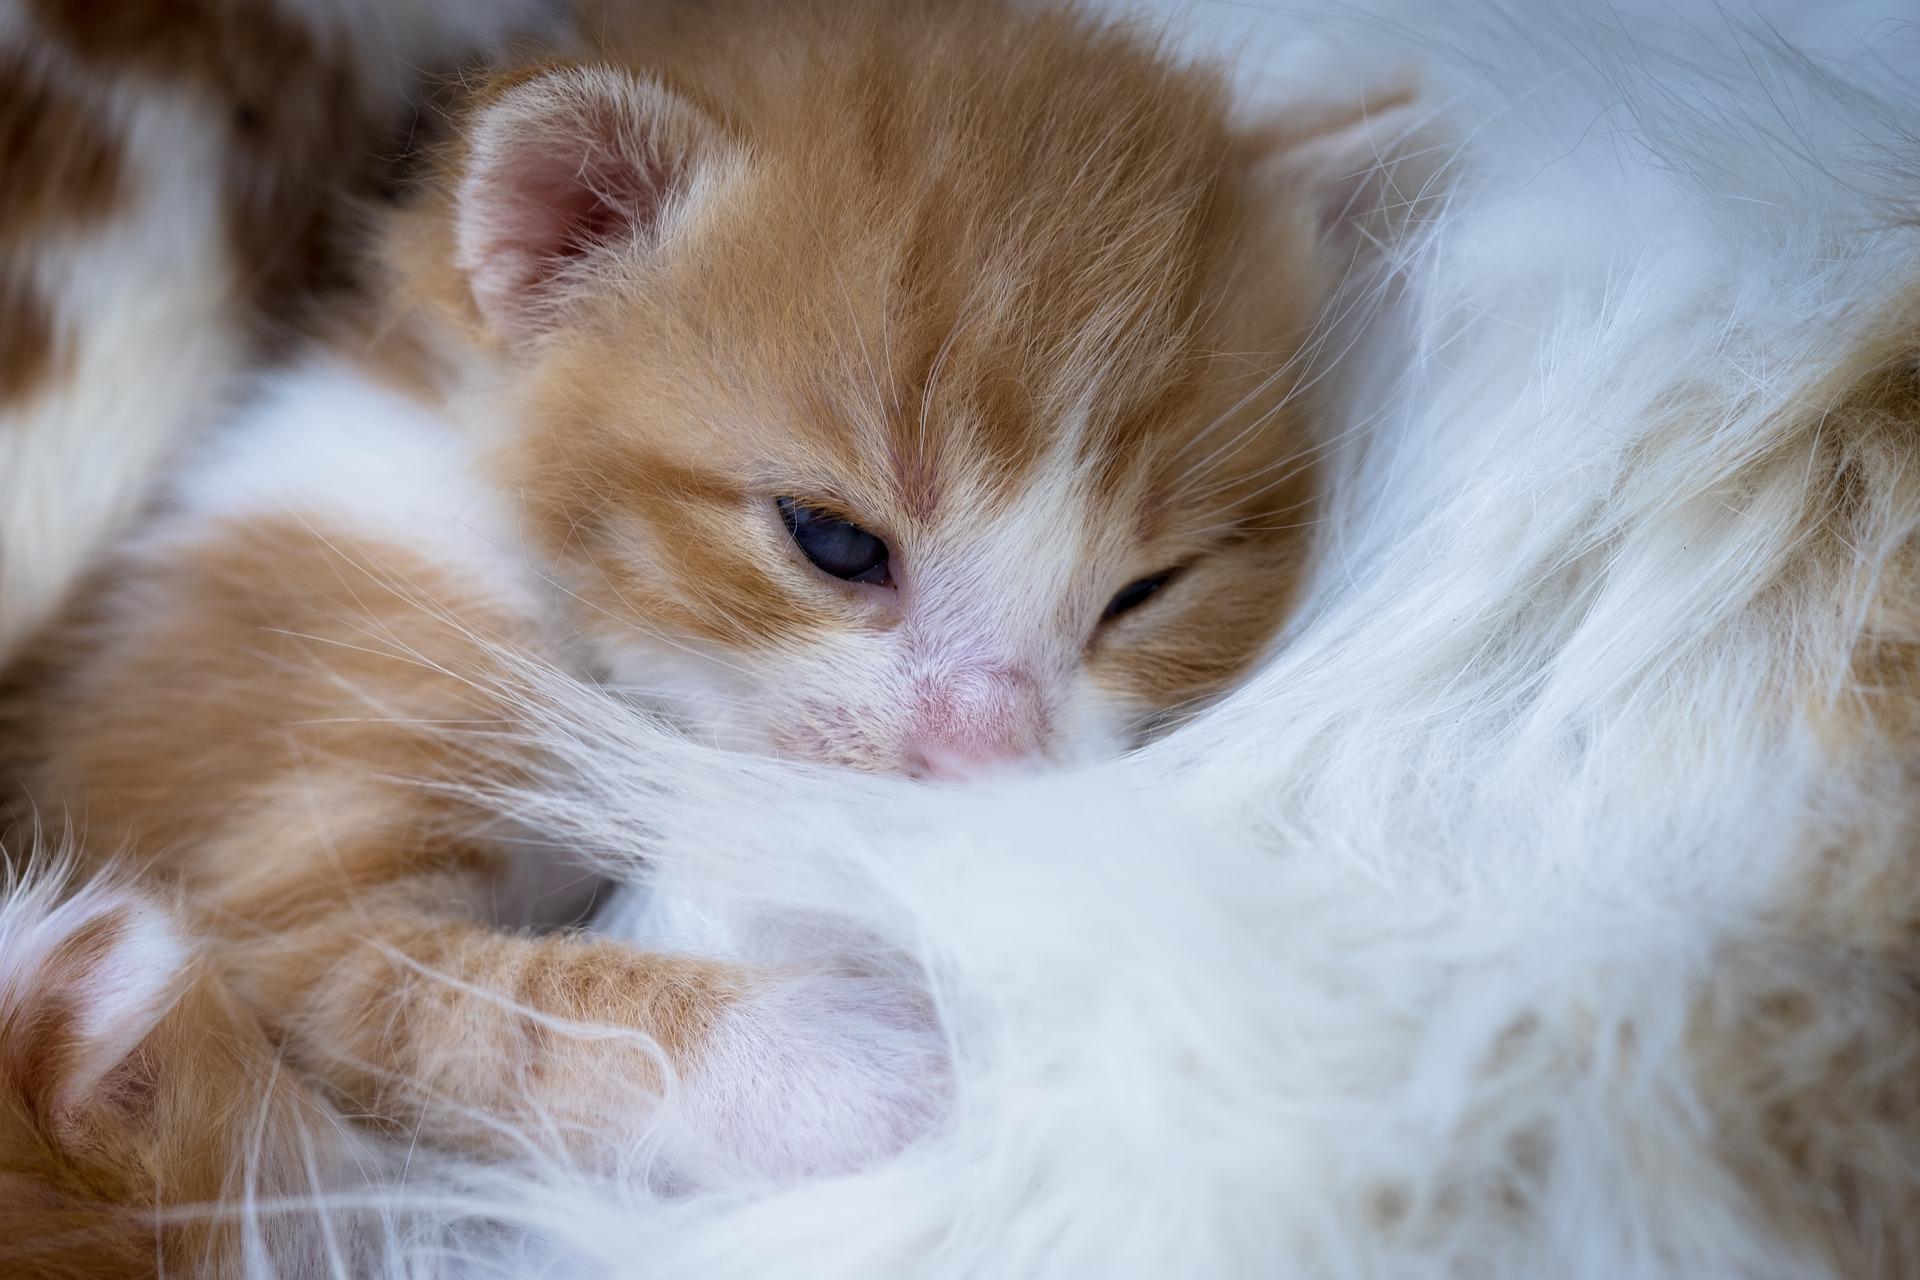 download wallpaper: roze kitten wallpaper